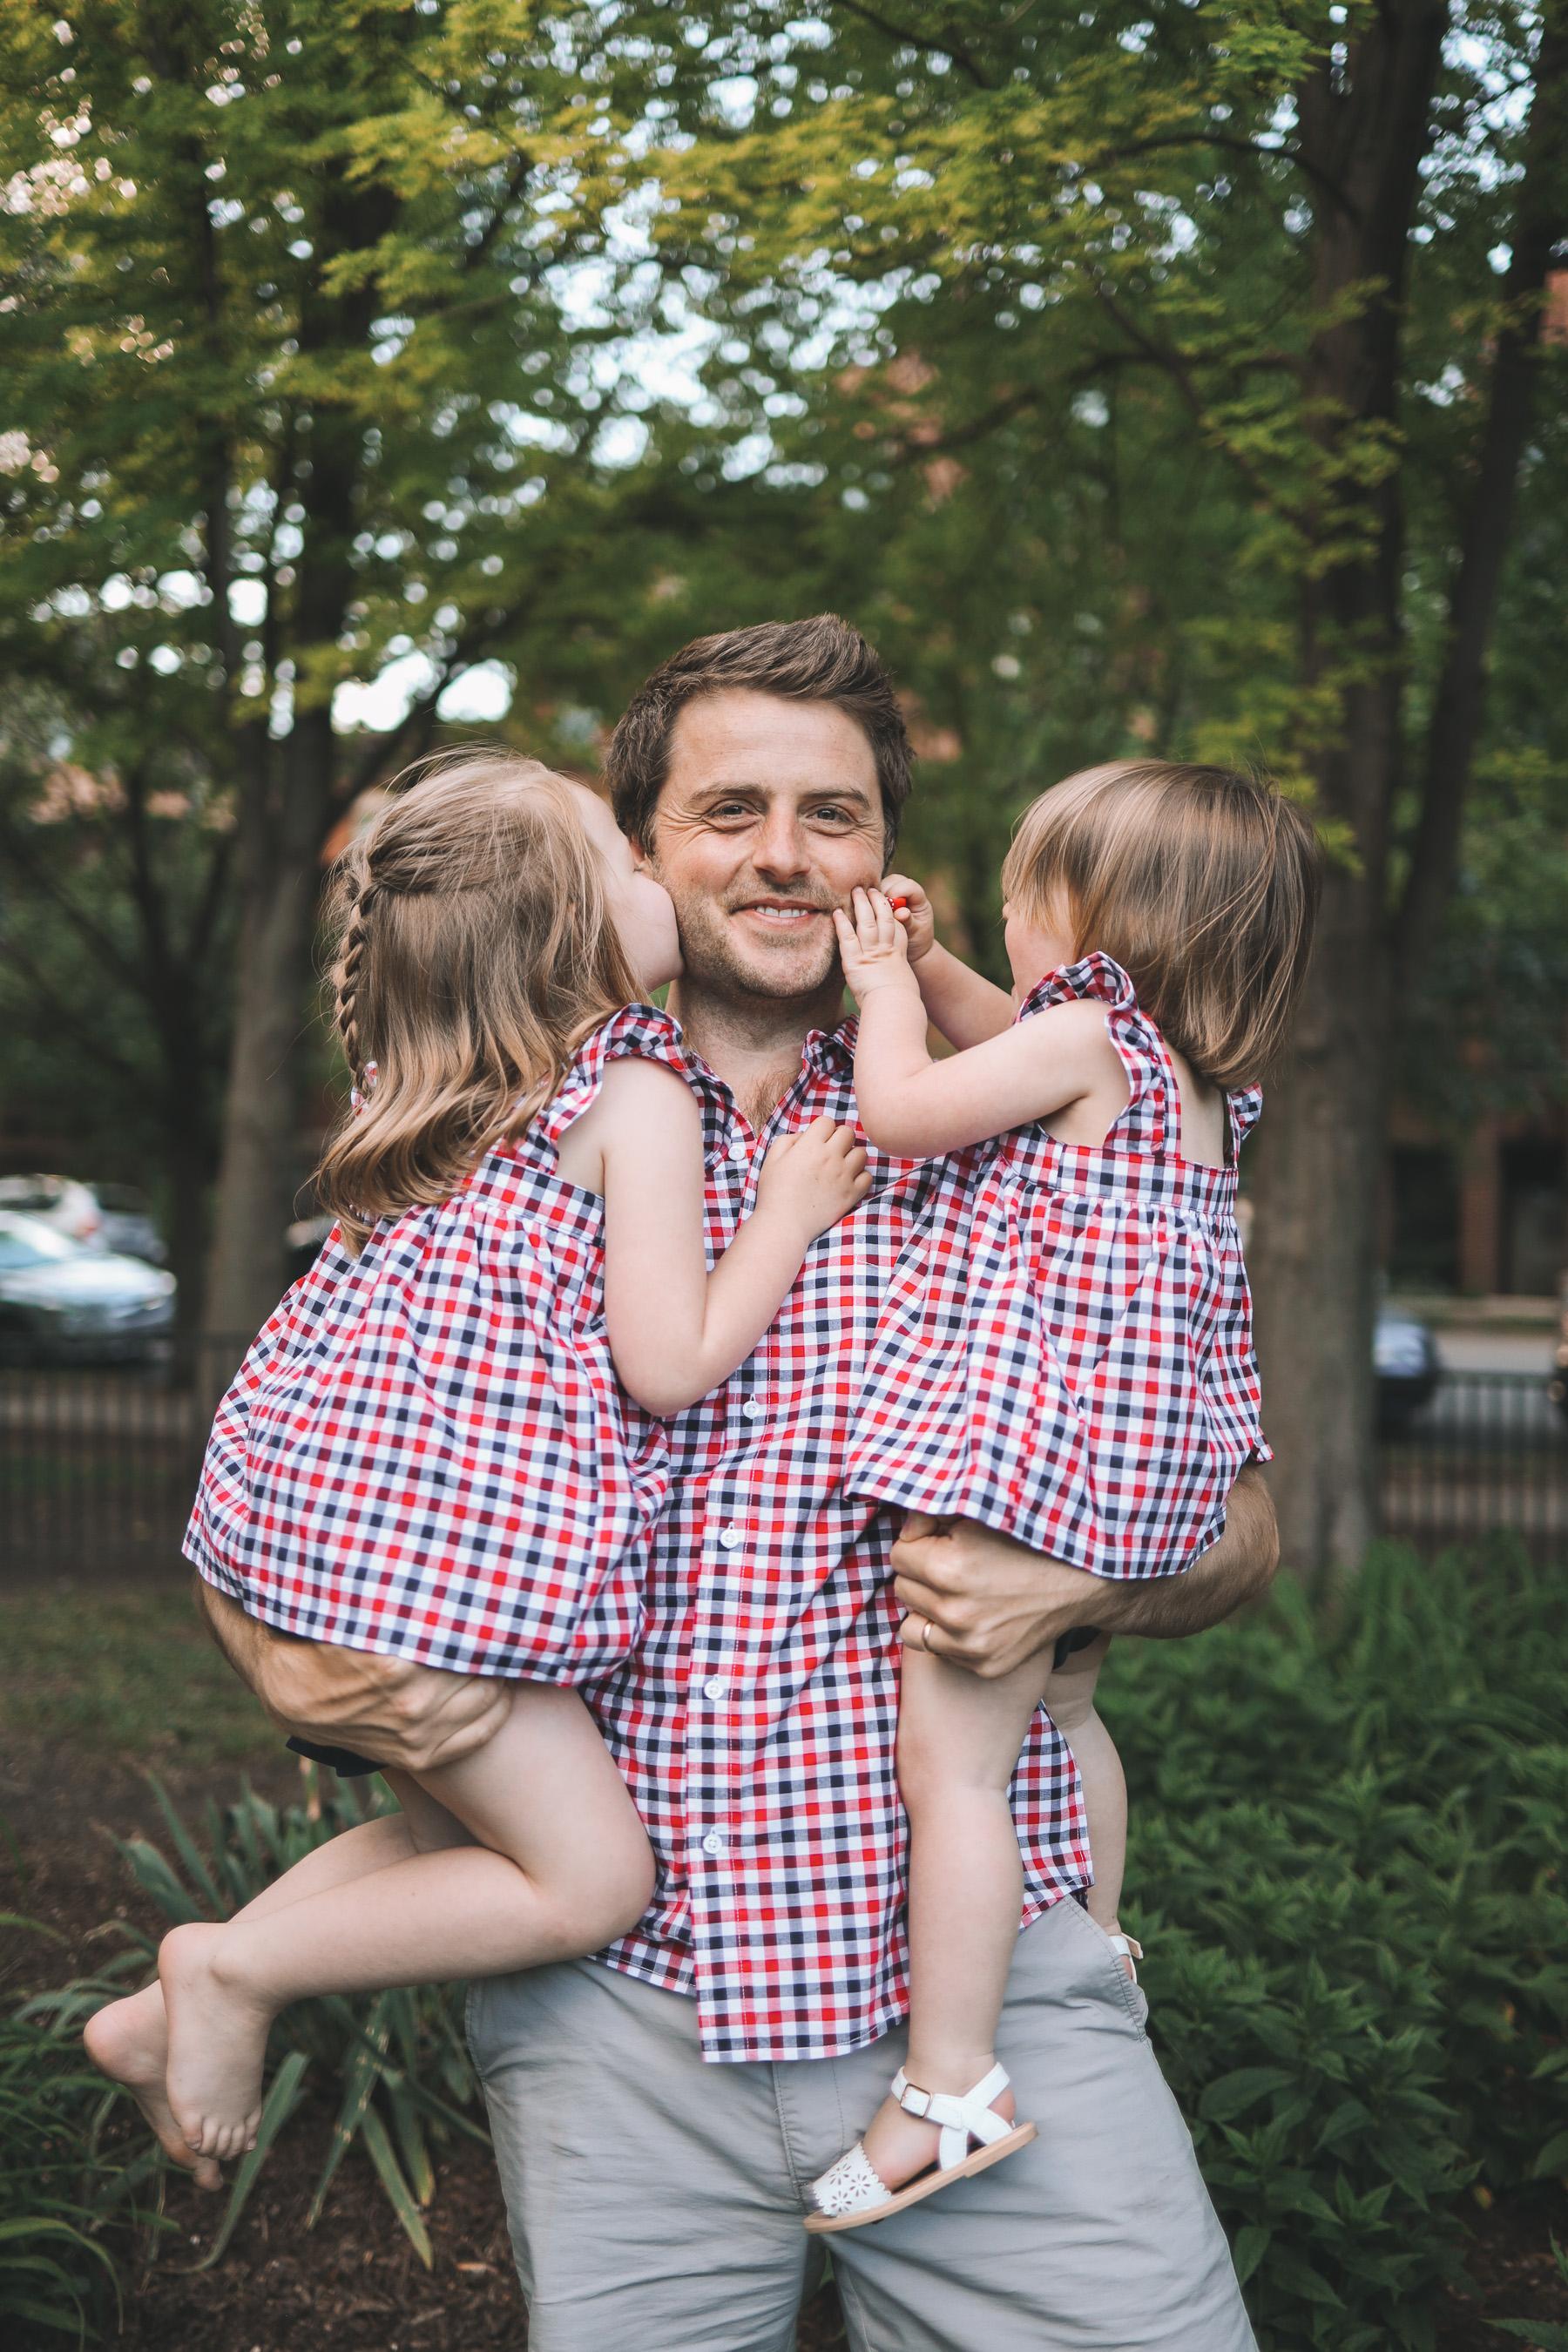 mitch and kids